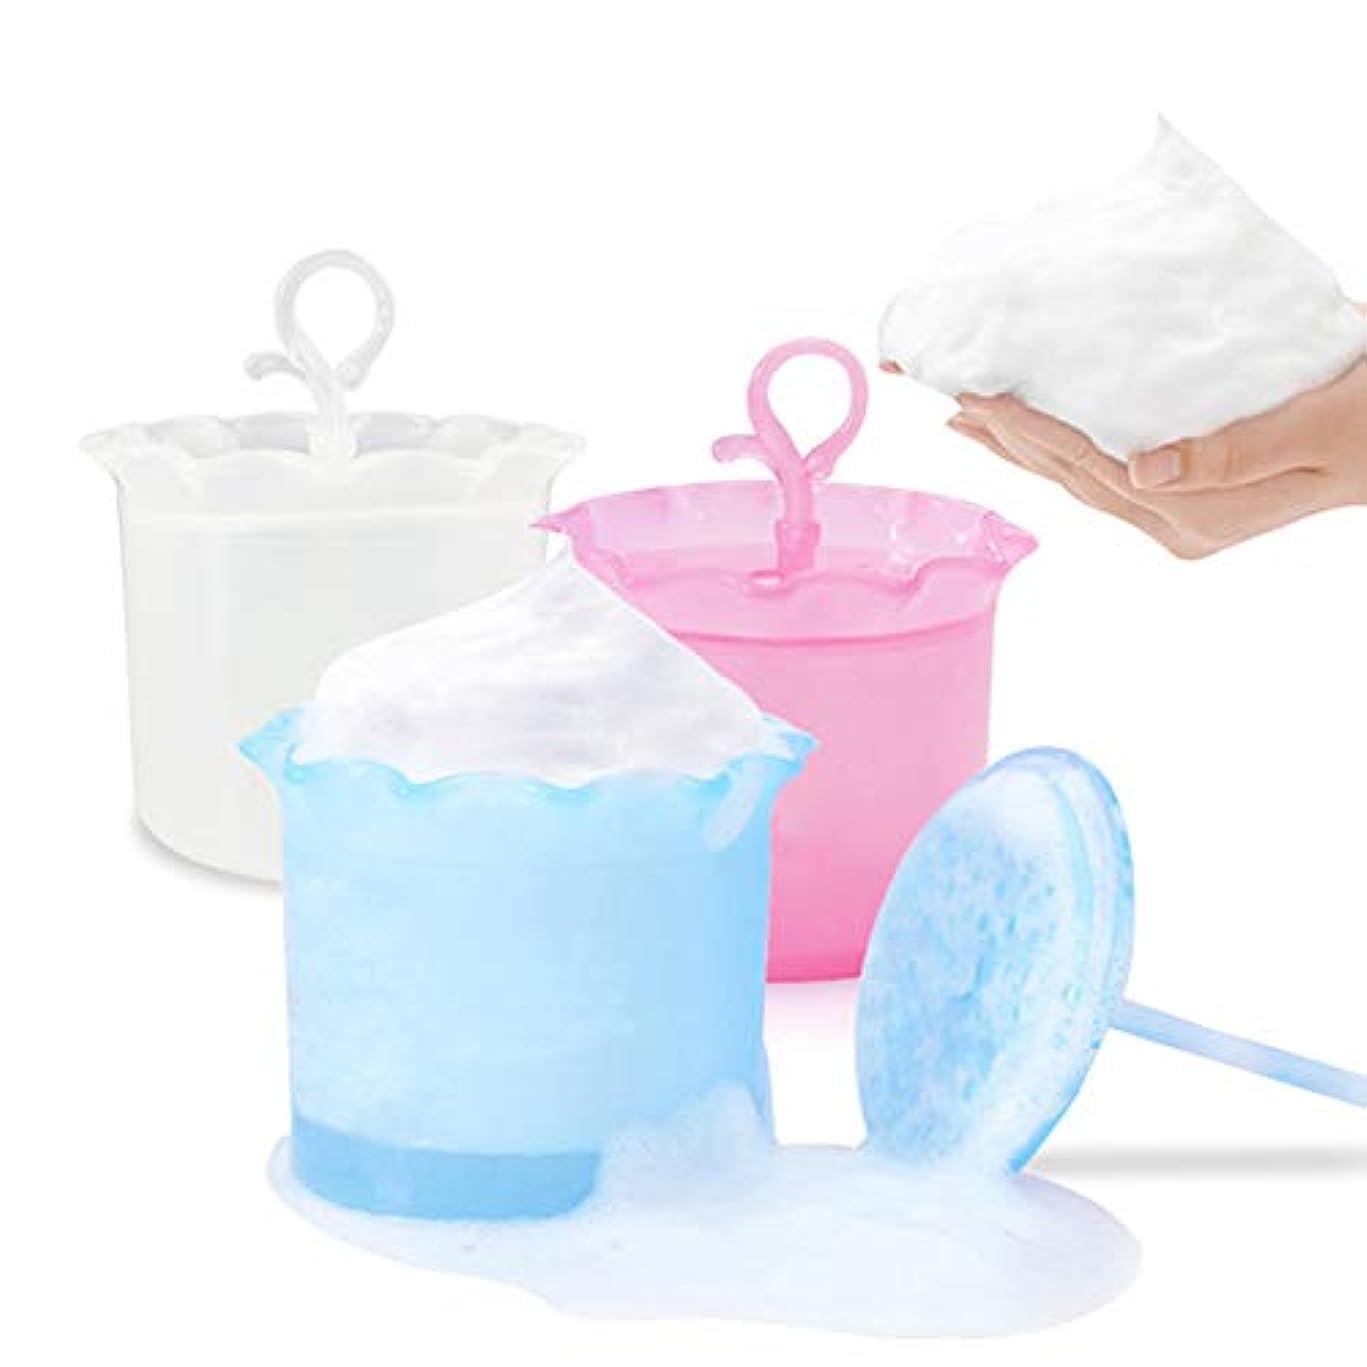 空気メルボルン細断泡メーカーバブルフェイシャルクレンザーフォームフェースクリーンツールクレンジングカップマシュマロホイップメーカー (1pc)